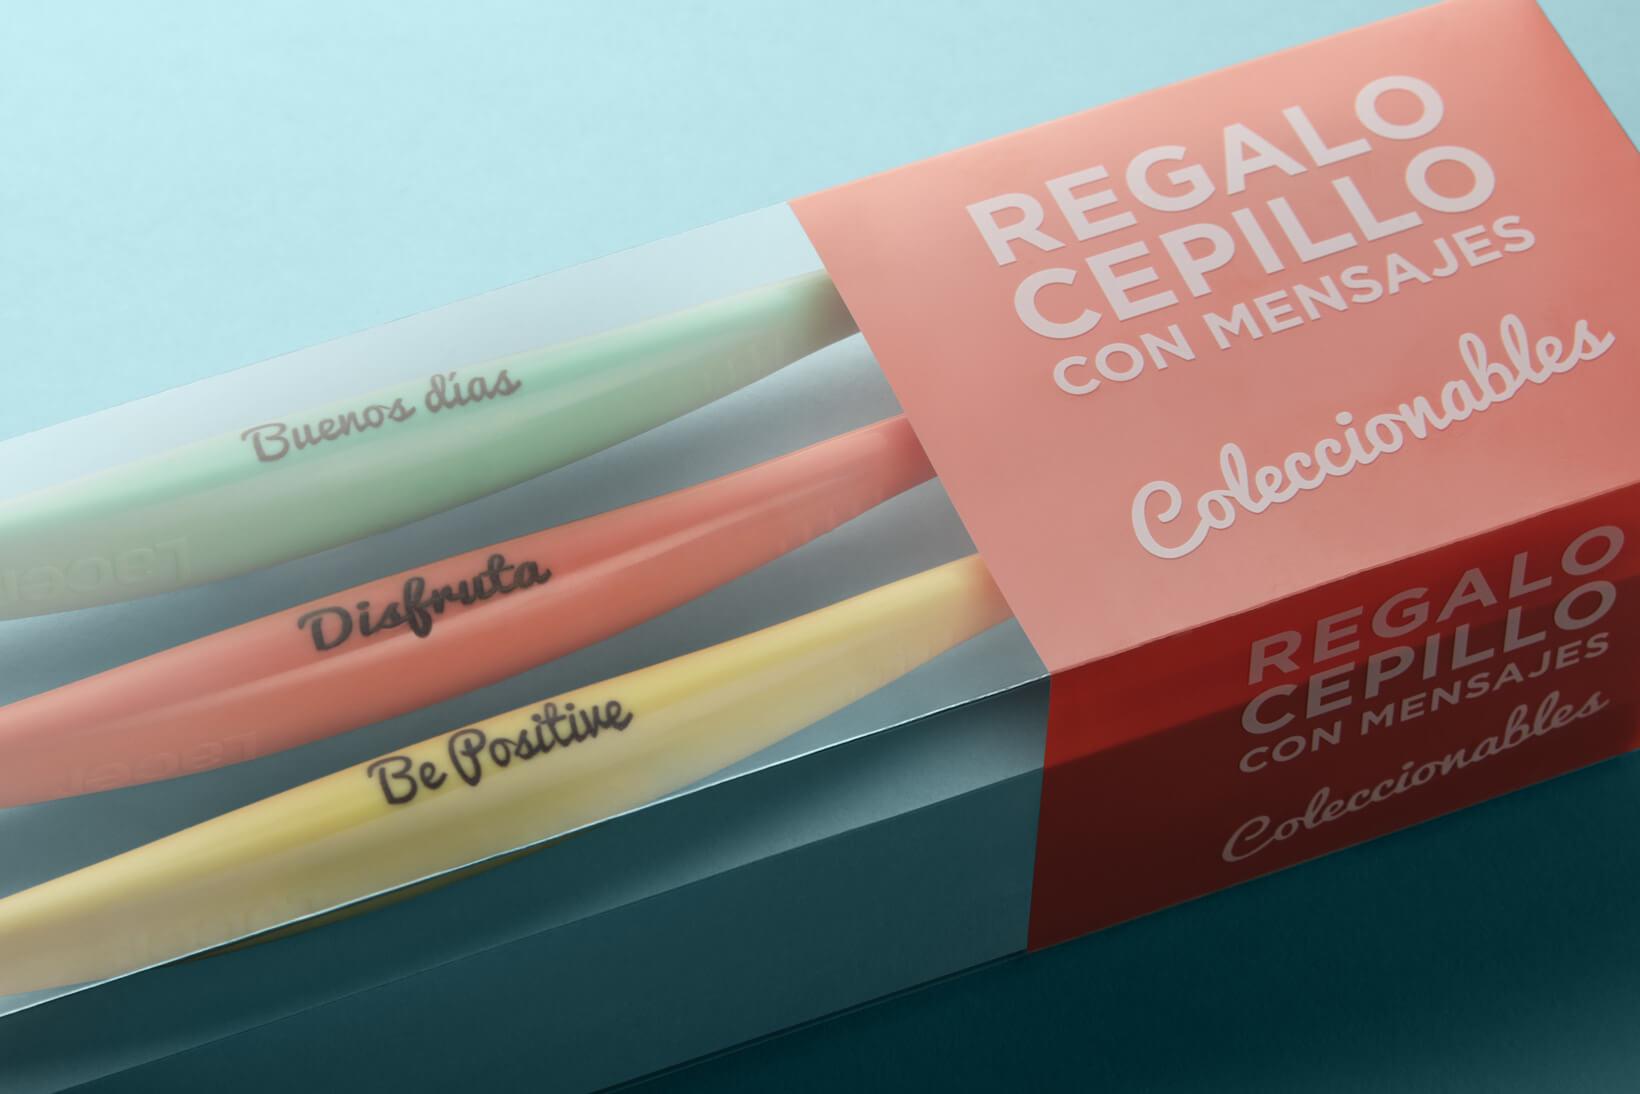 Detall de packaging per a campanya promocional de Laboratoris Lacer